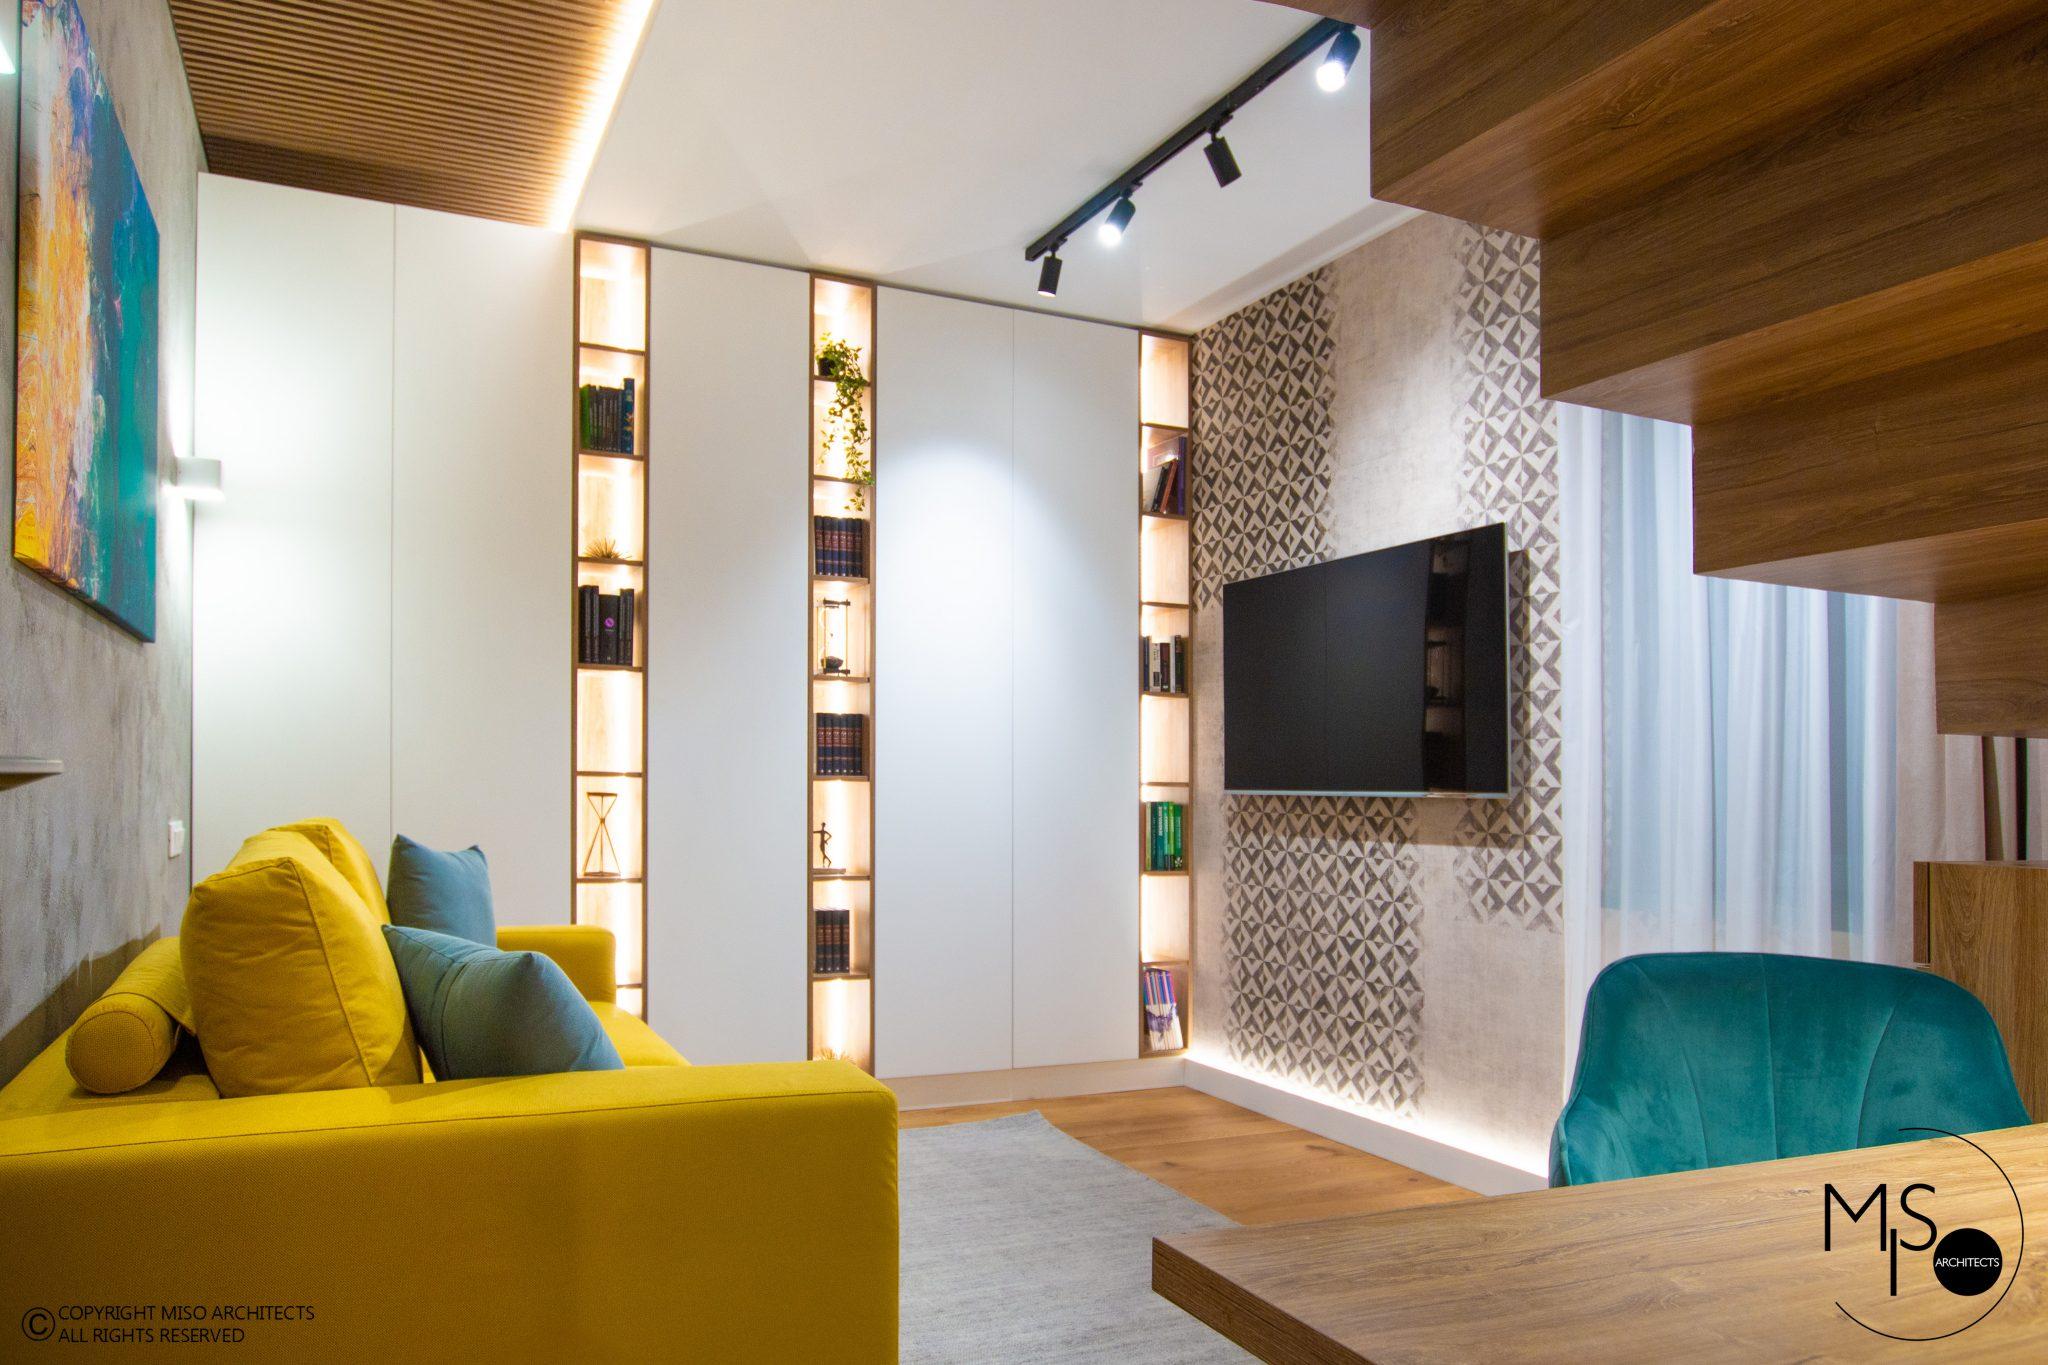 Birou la primul nivel living bucătărie și dormitor la mansardă într un duplex din Brașov 1